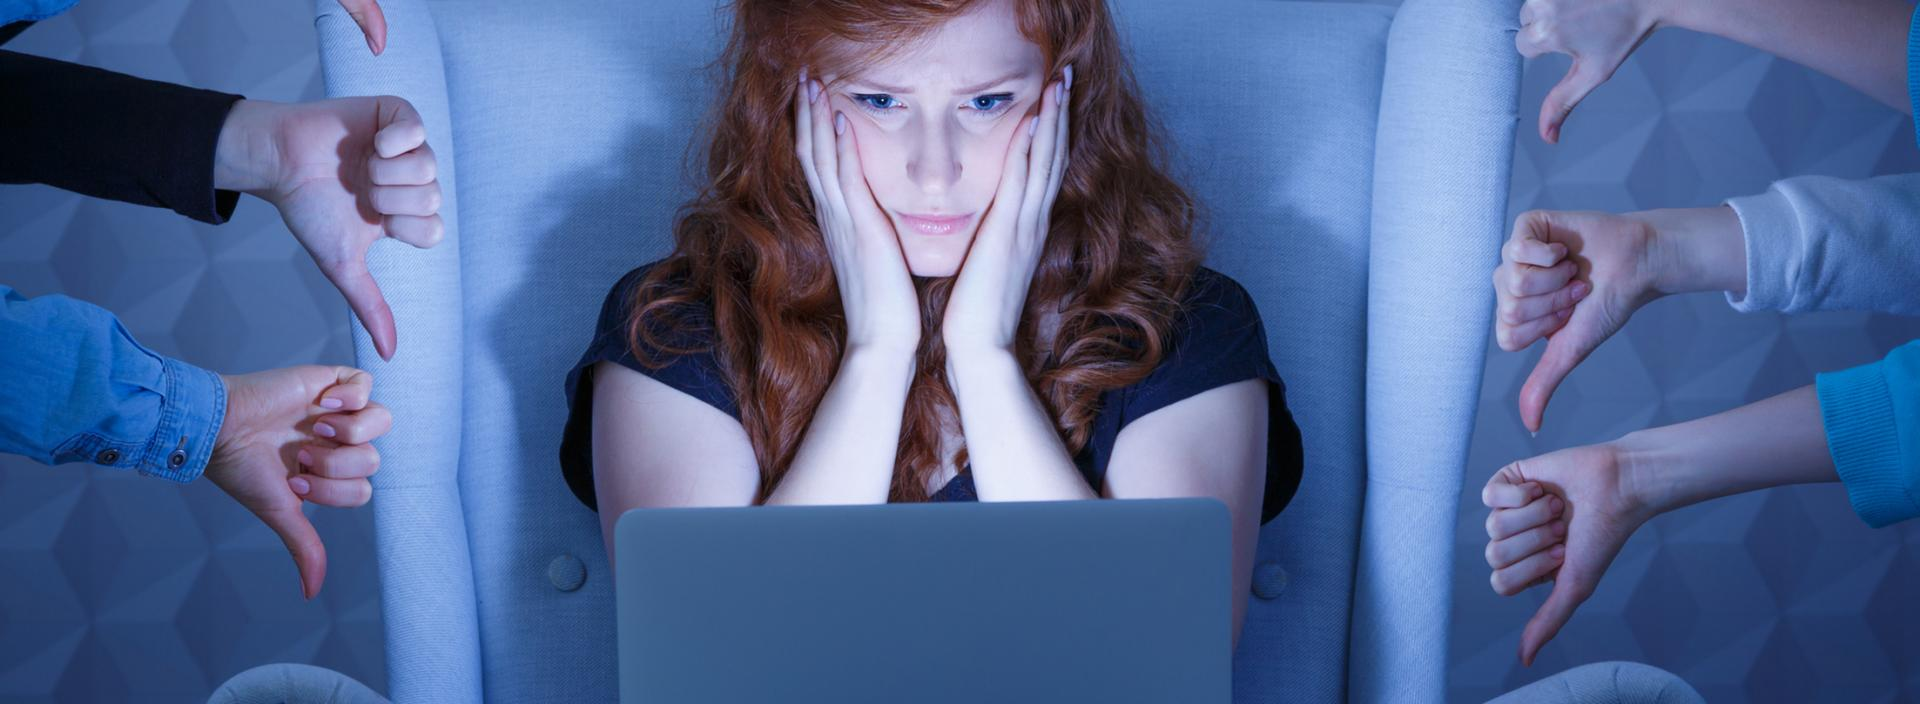 Curso Avançado em Ciberbullying